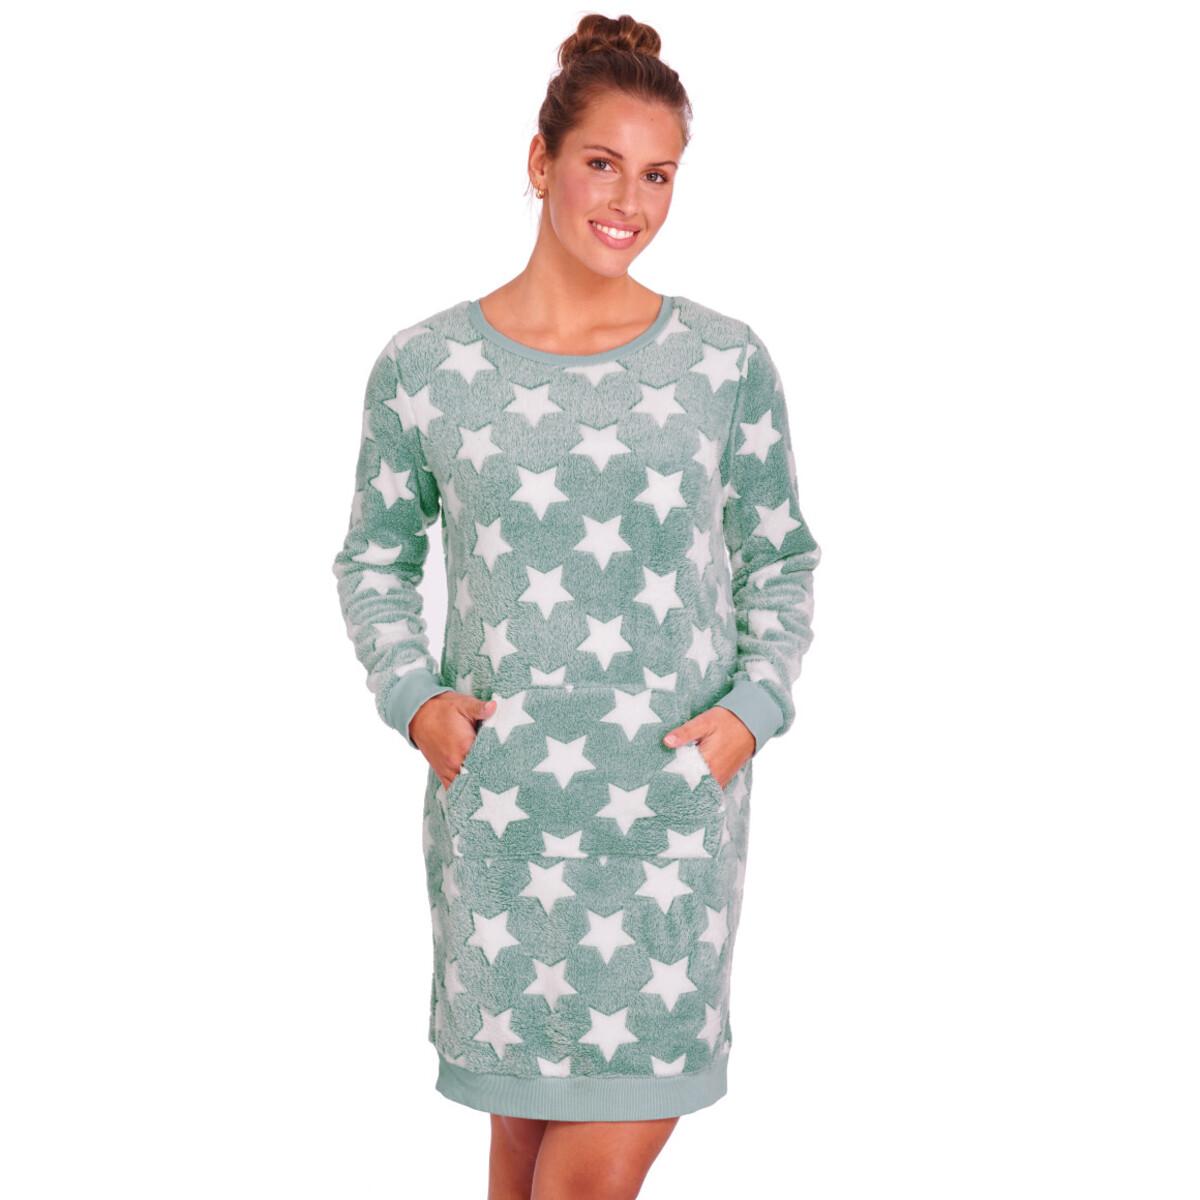 Bild 2 von Damen Kuschelkleid mit Stern-Allover